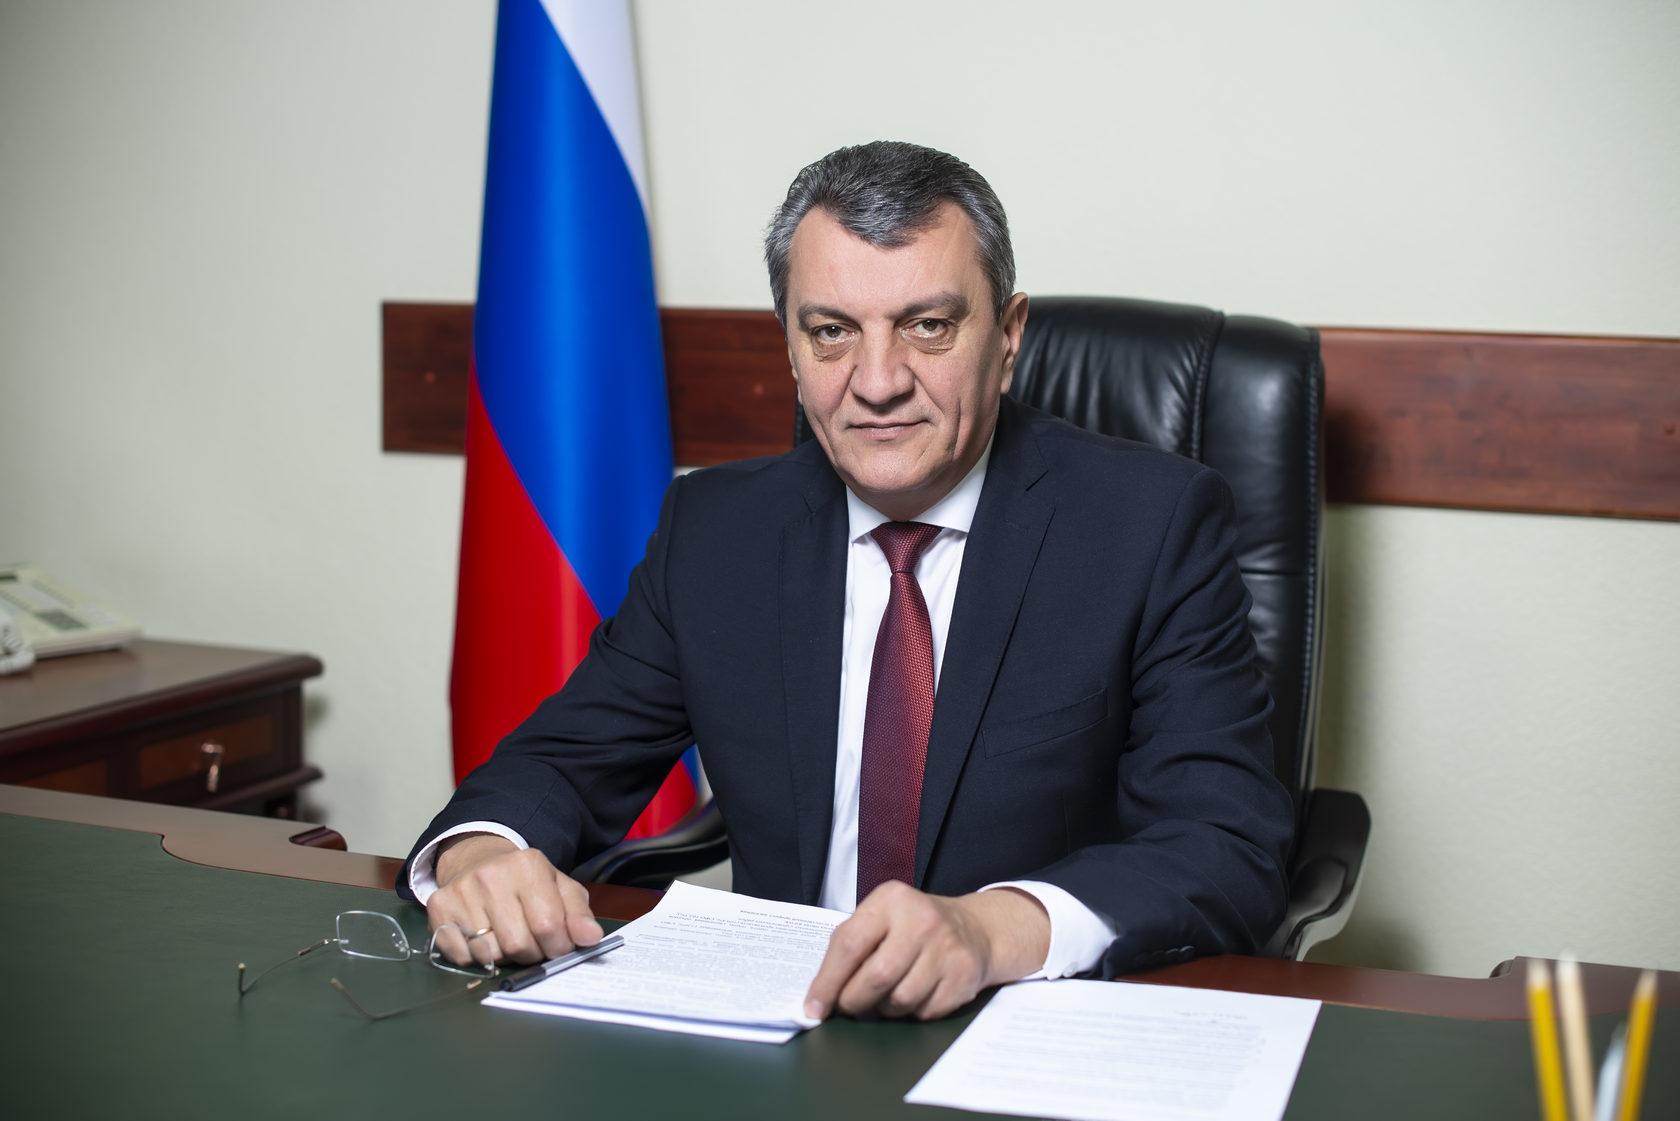 Сергей Меняйло поздравил жителей Северной Осетии с Днем Хетага